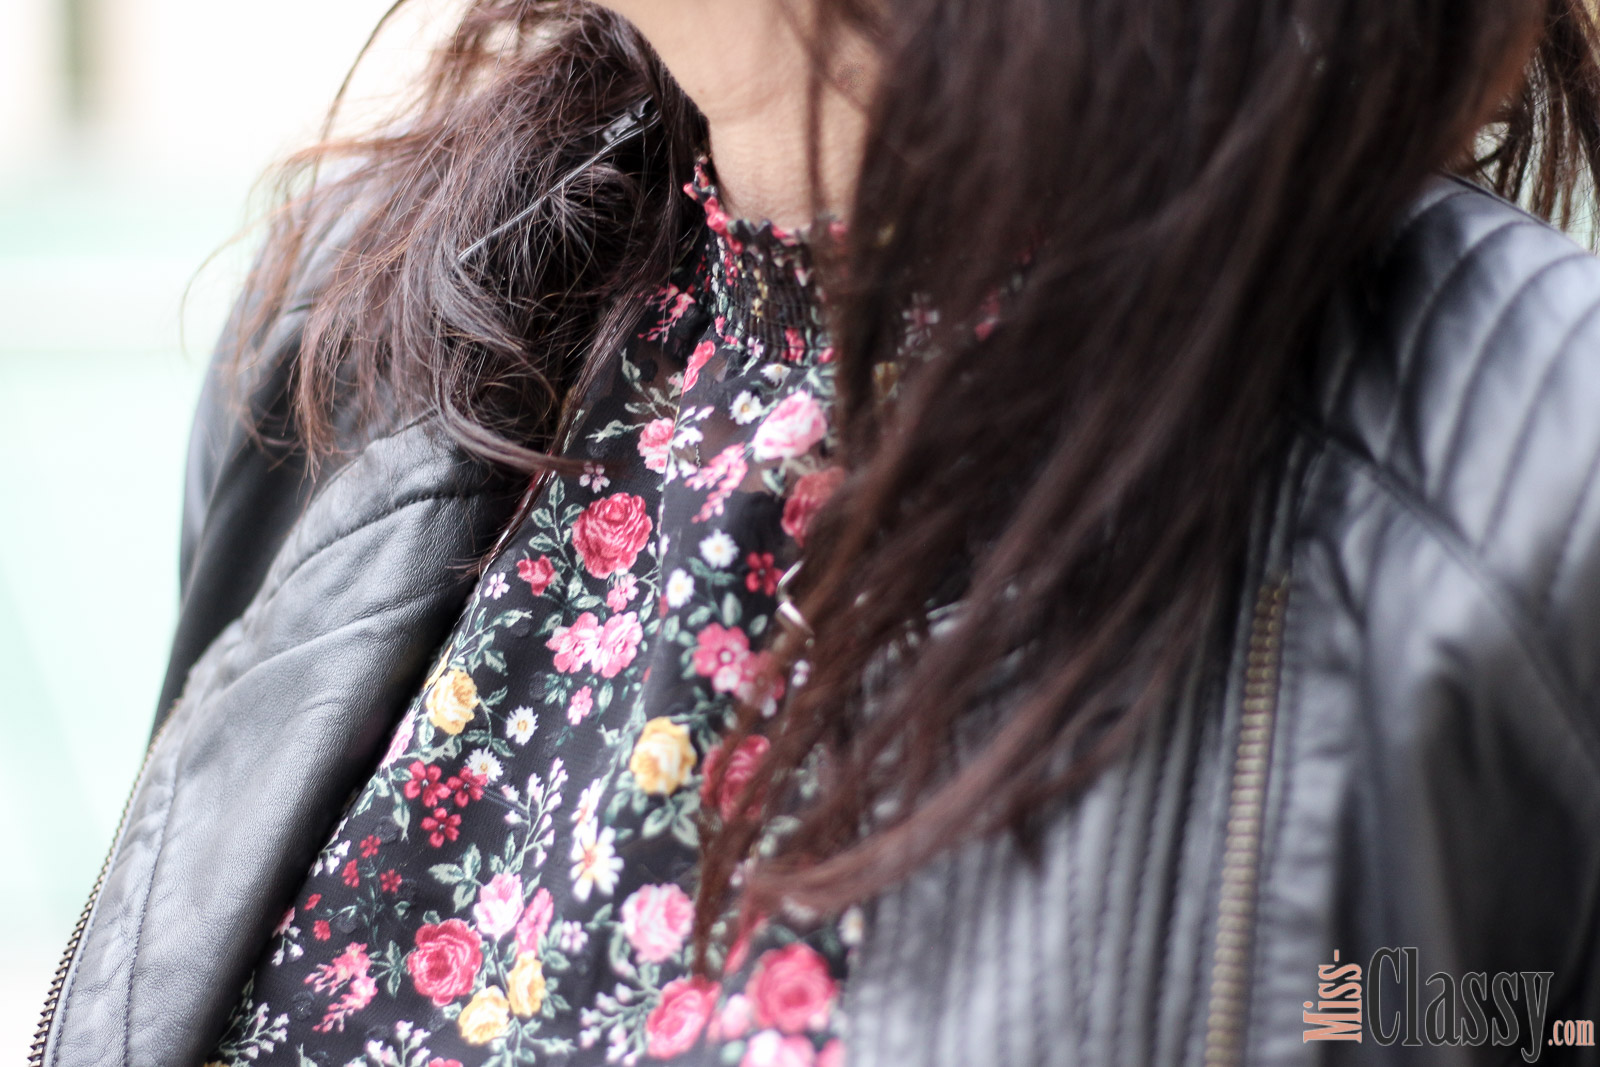 OUTFIT: Blumenprint Bluse mit schwarzer weiter Hose und Lederjacke, Miss Classy, Grazer Fashion Blog, Lifestyle Blog, Bloggerin Graz, classy Fashion, Lederjacke von Hallhuber, Blumenprint Bluse von H&M, schwarze weite Hose, Clutch Favorite von Louis Vuitton, Herbstmode, Stiefeletten, Claretcast Lippenstift von MAC